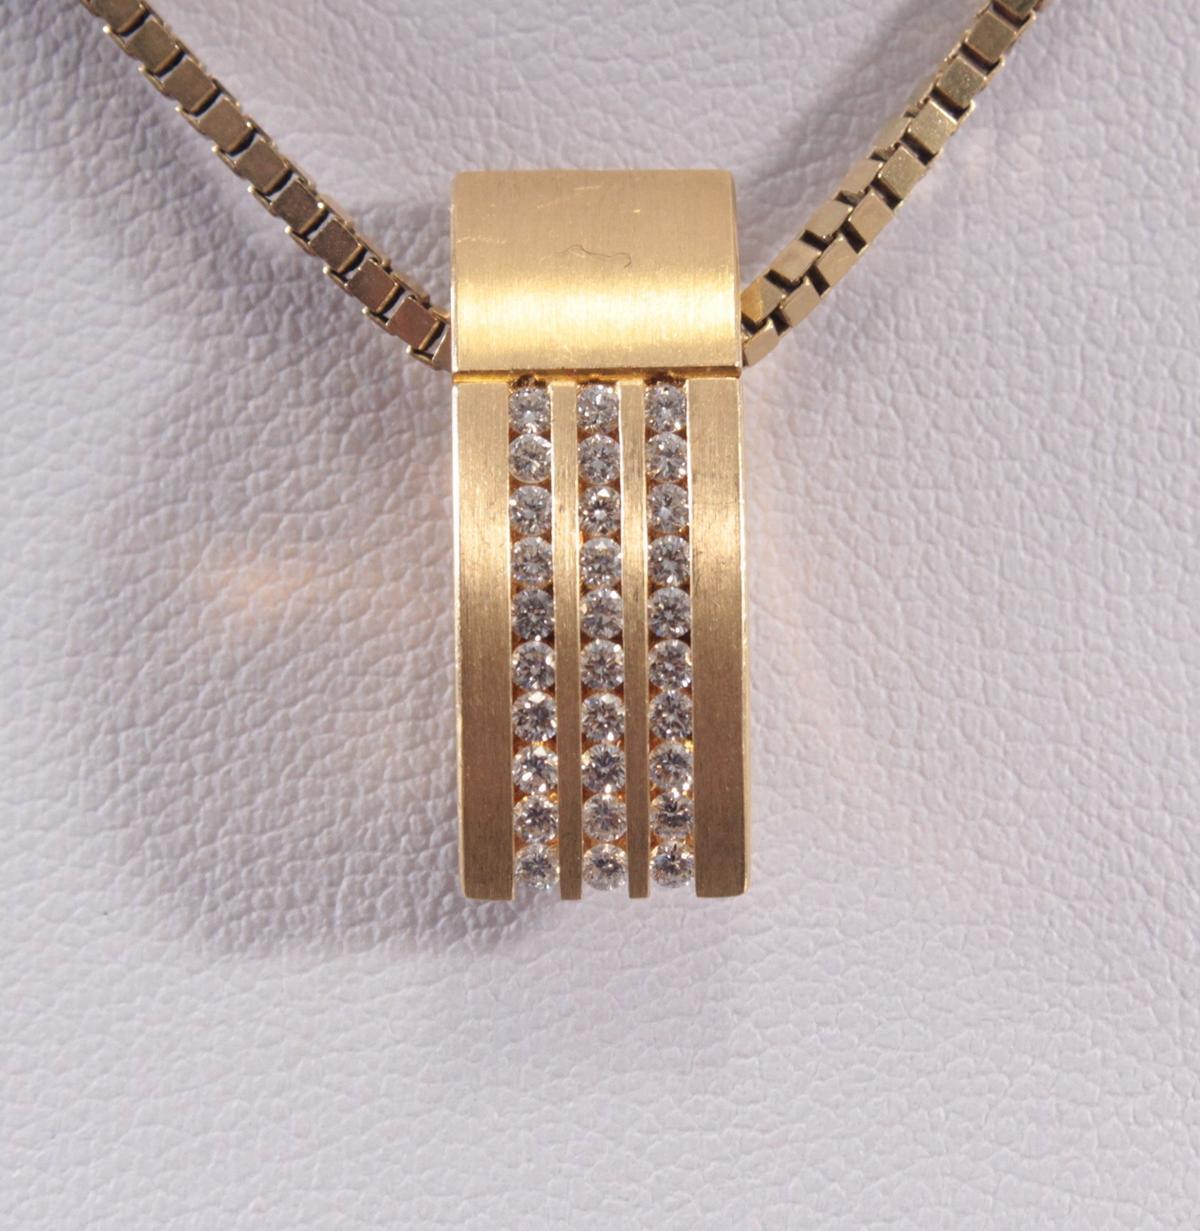 Anhänger mit Diamanten aus 18 Karat Gelbgold-4